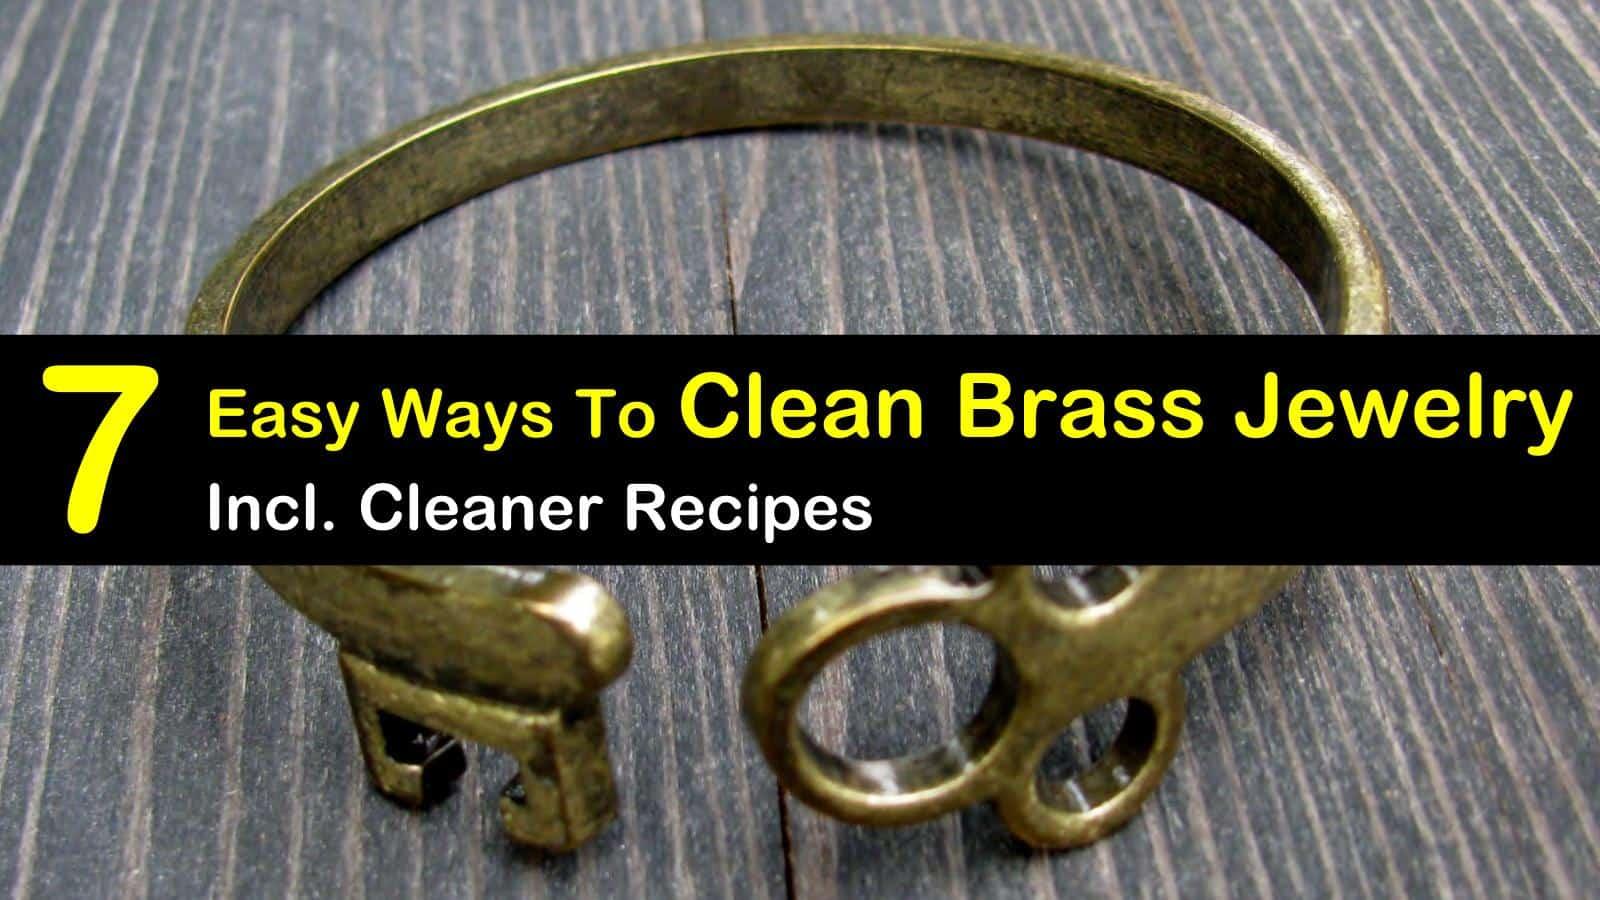 7 Easy Ways To Clean Brass Jewelry